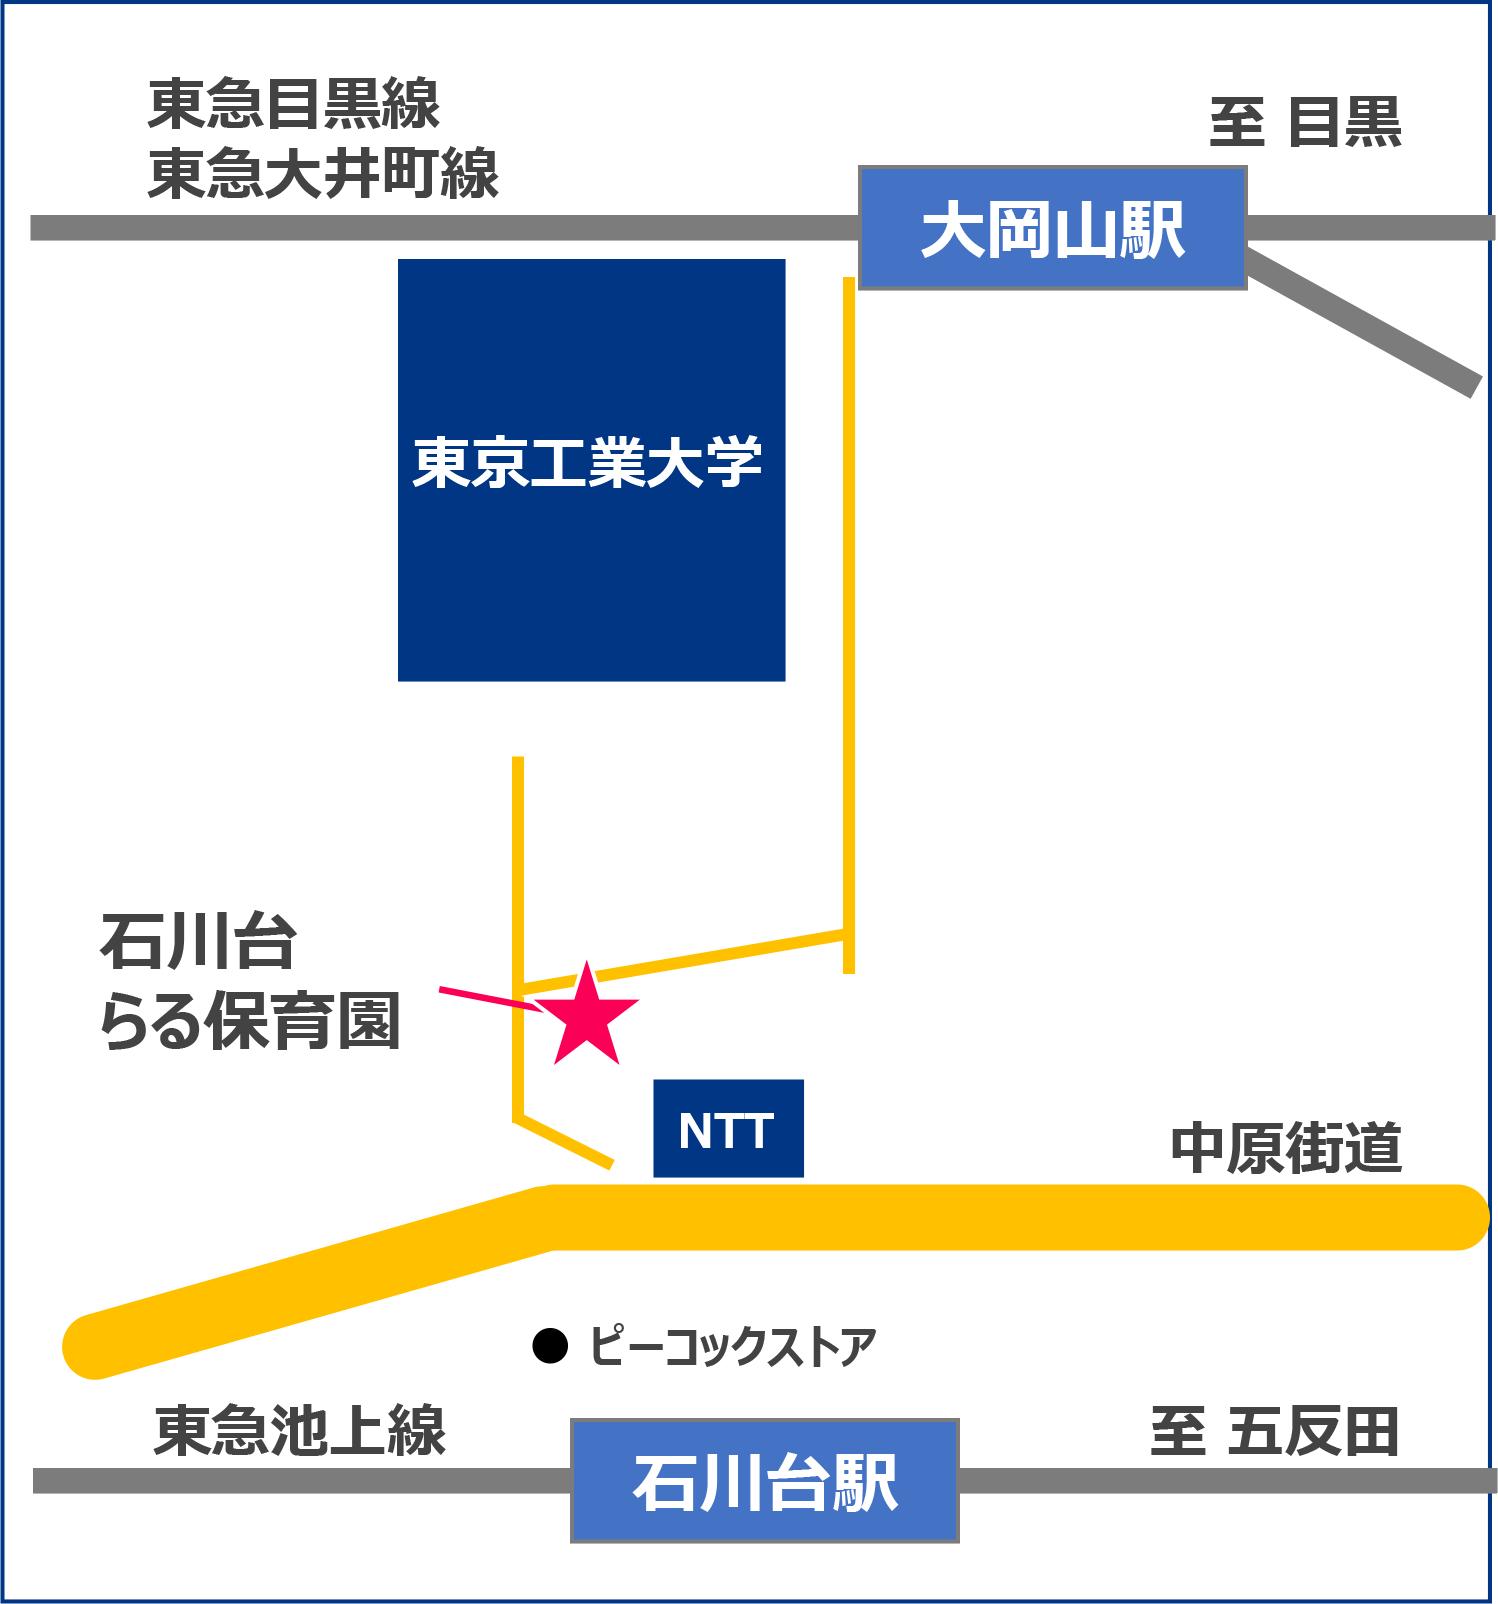 石川台らる保育園の地図